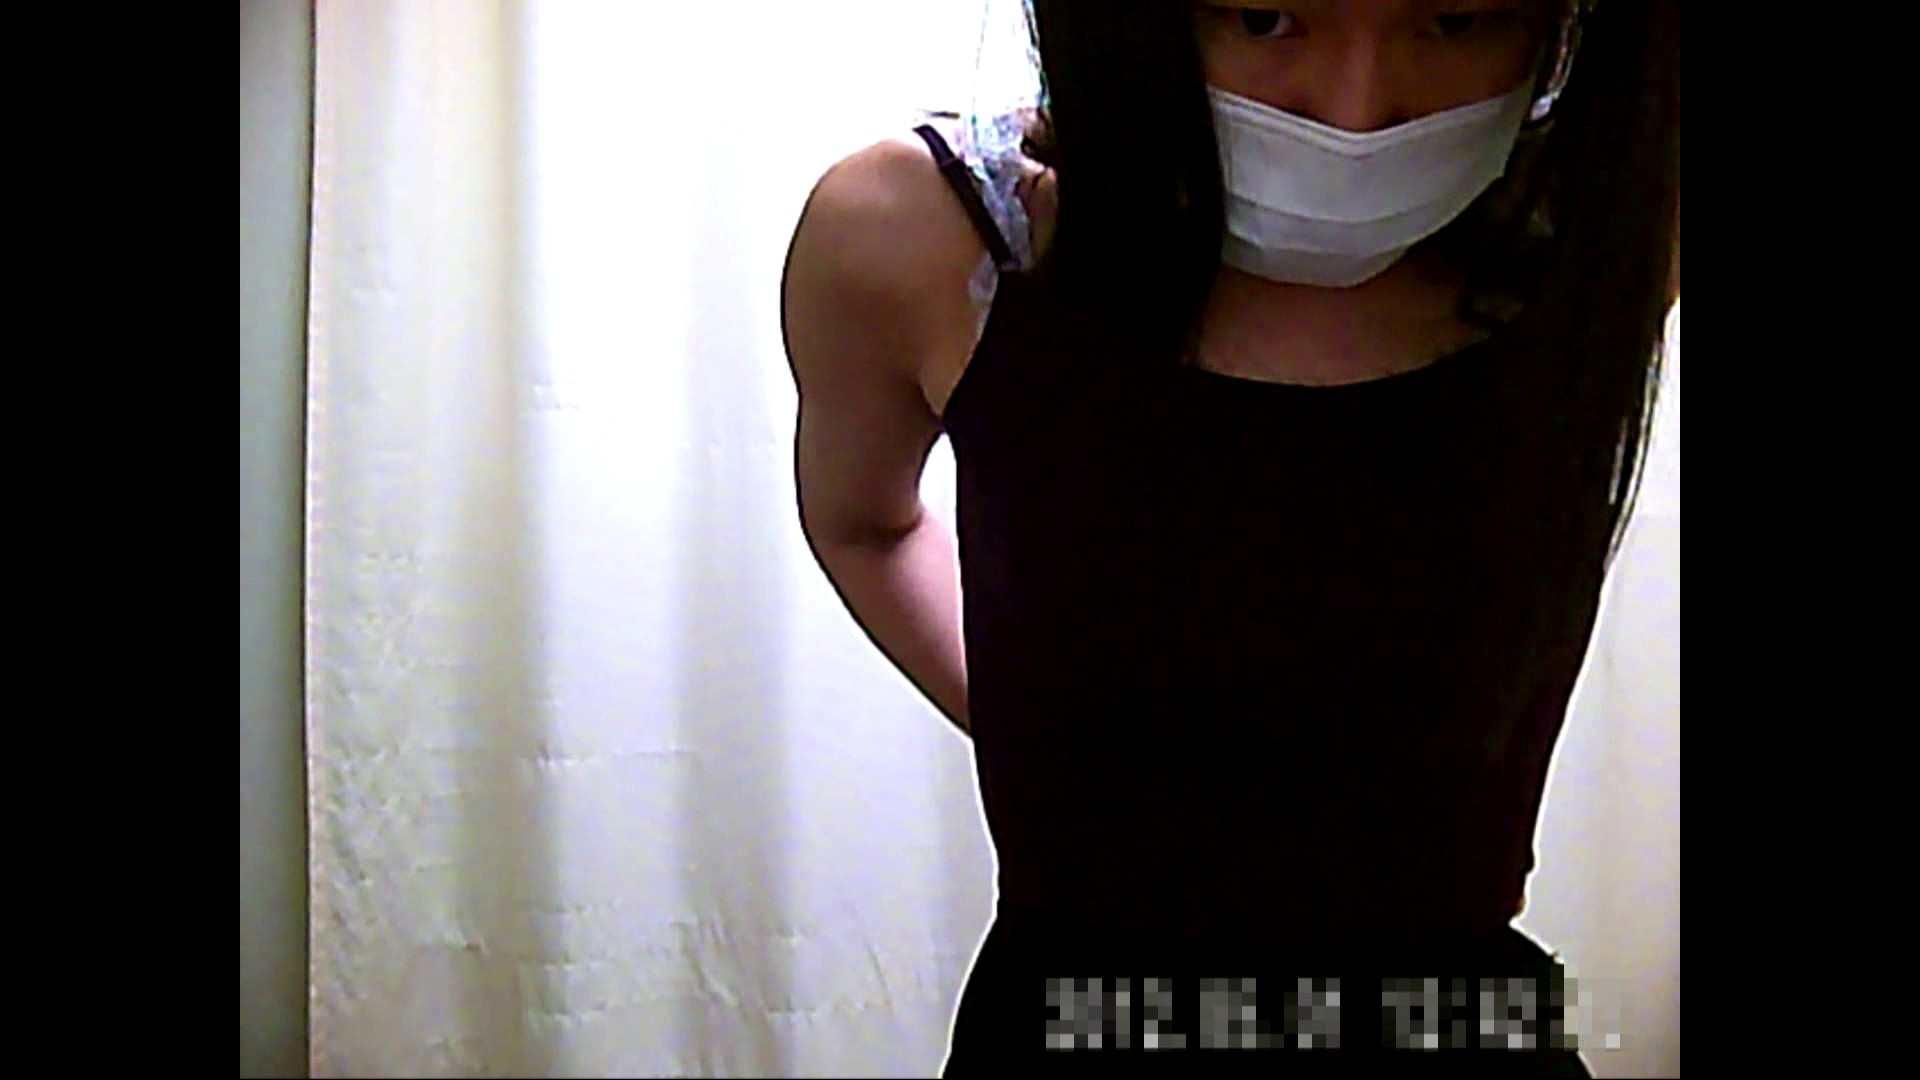 元医者による反抗 更衣室地獄絵巻 vol.004 OL | 0  84連発 11